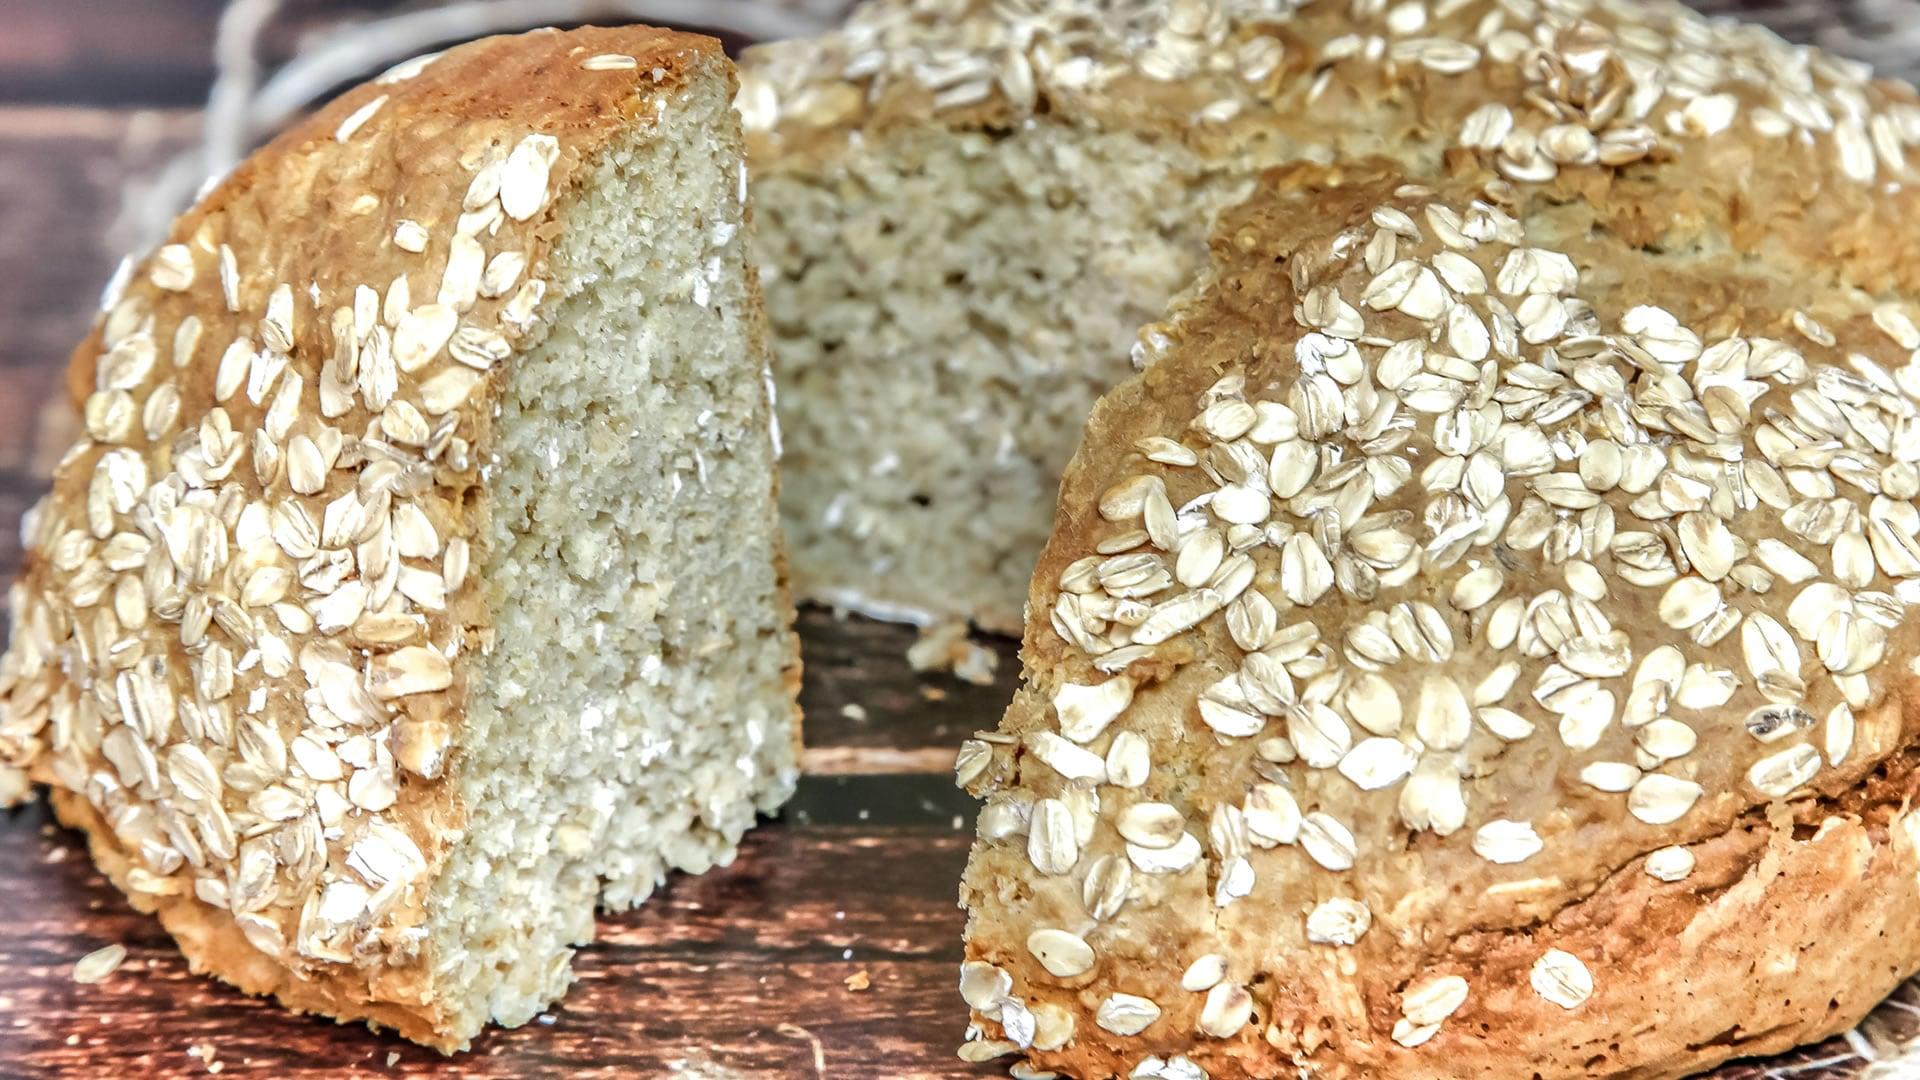 Foto Irish Soda Bread - Pane senza Lievito con Bicarbonato di Sodio